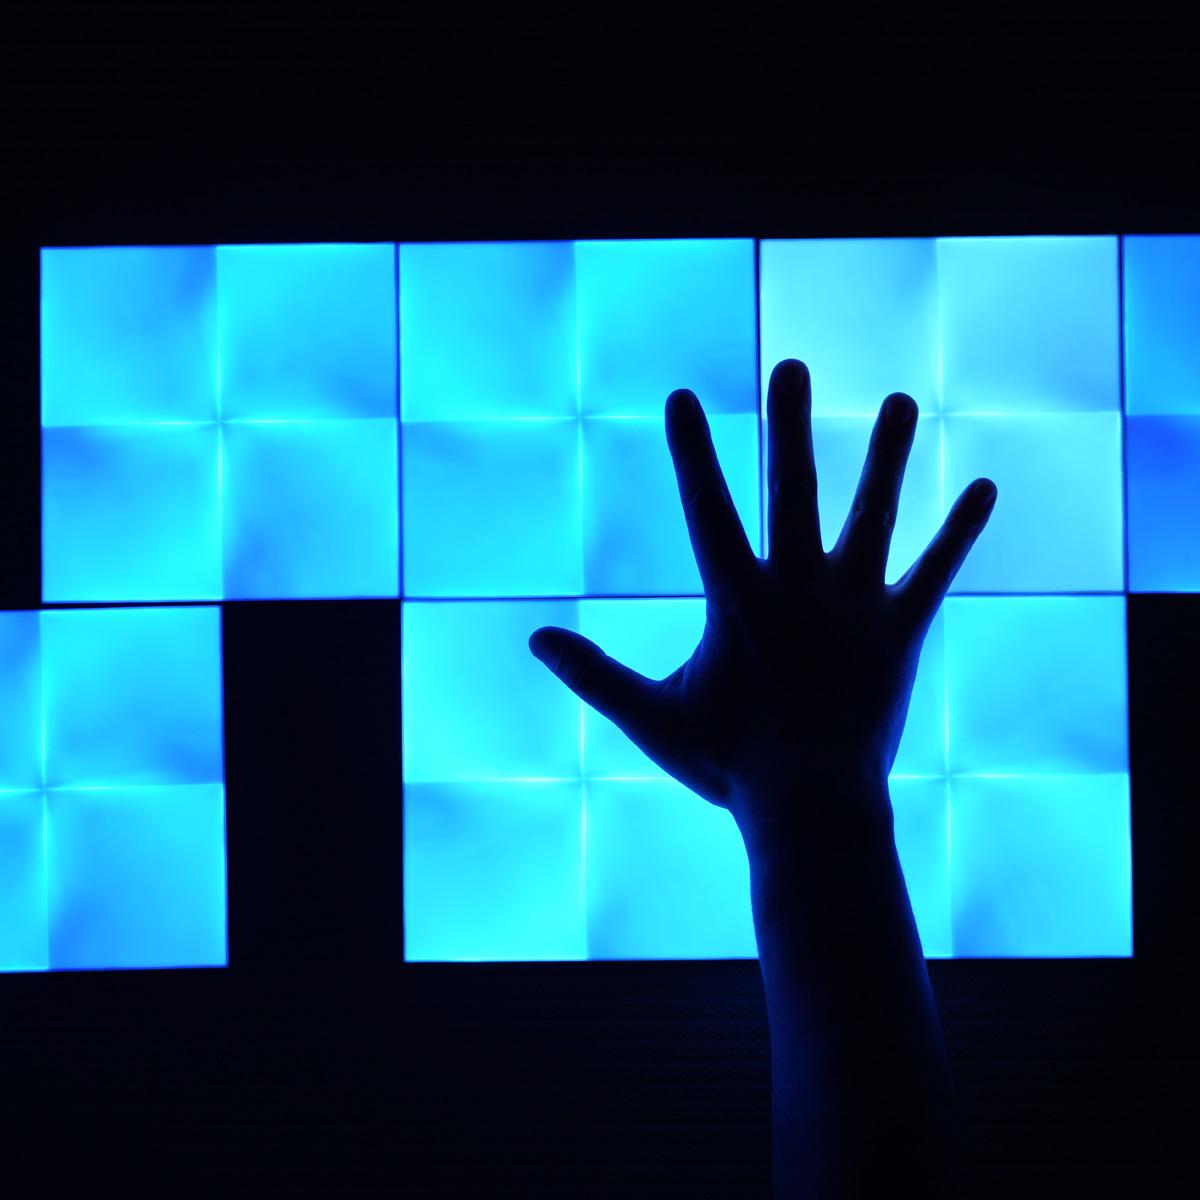 音楽とシンクロする未来感マックスのLEDパネル「Nanoleaf Canvas」レビュー